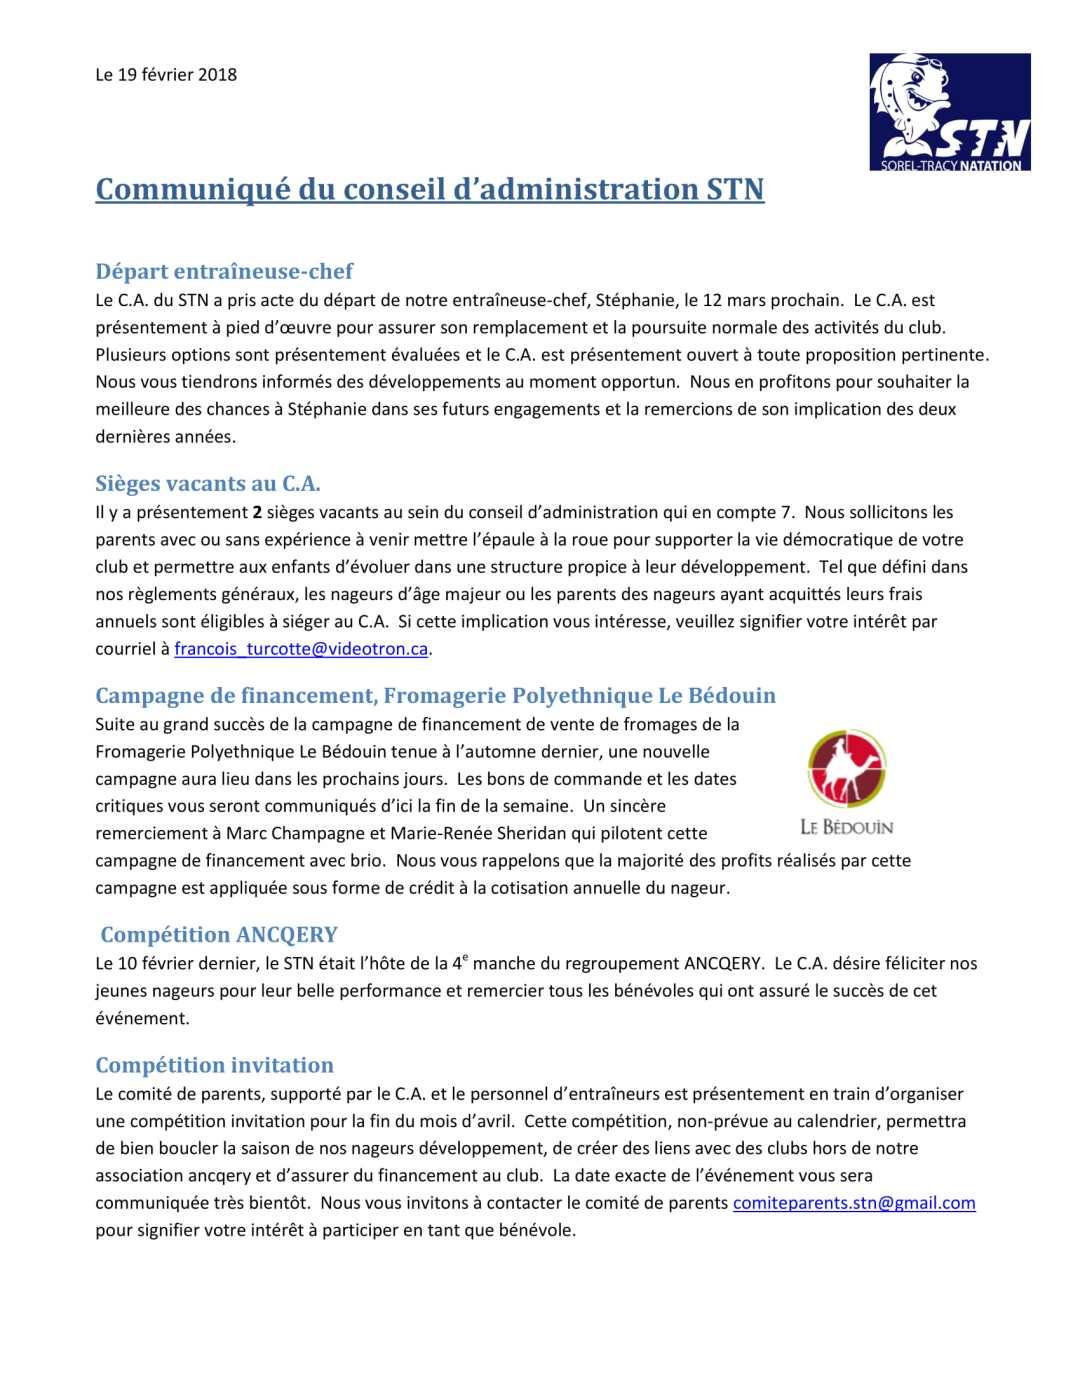 20180219 Communiqué STN-1